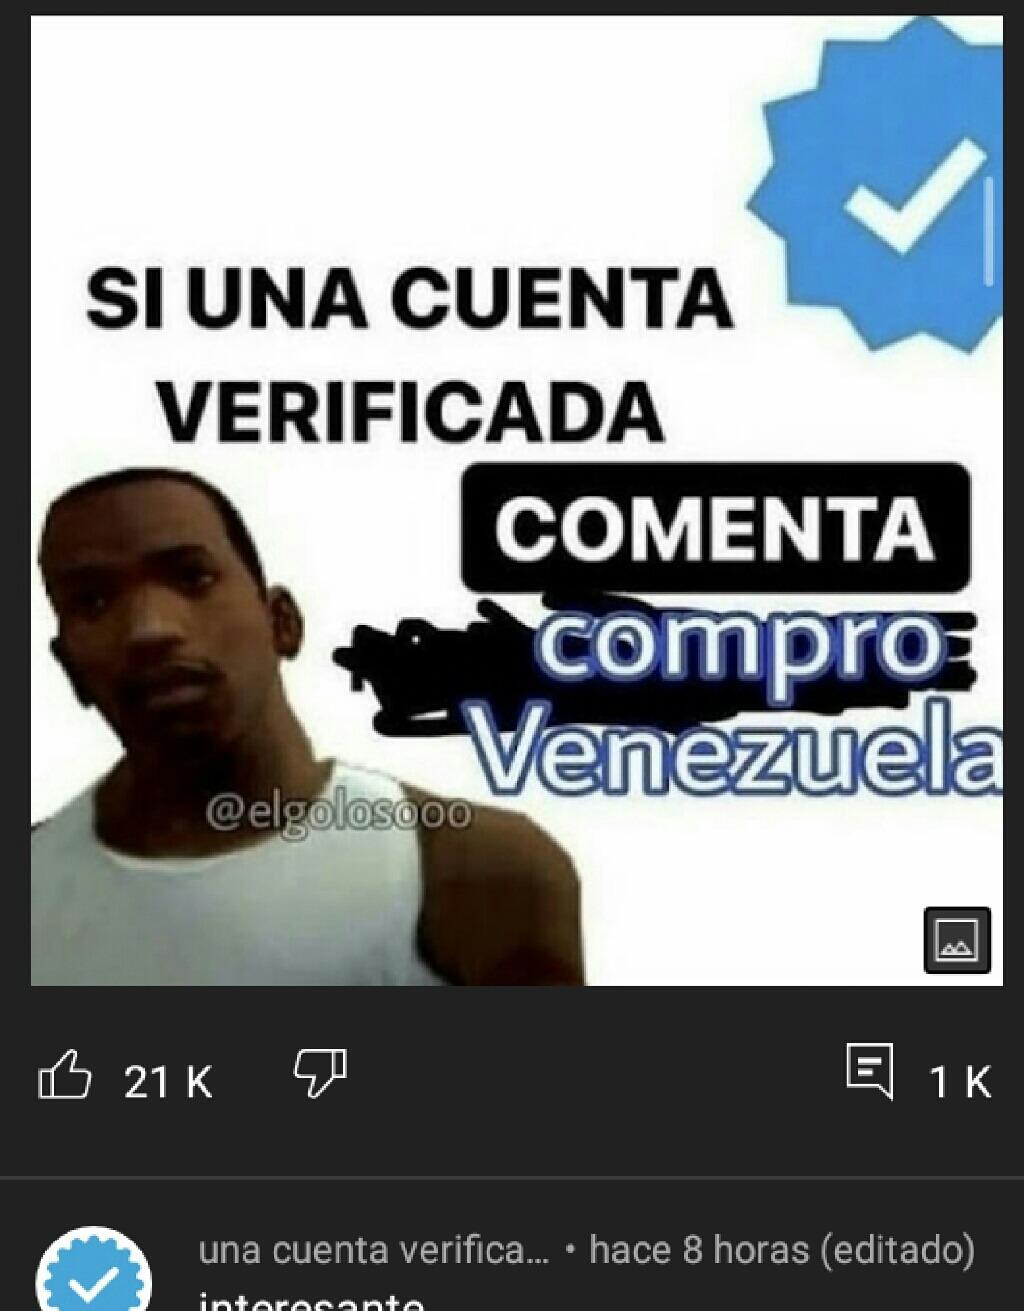 Servilleta subiendo 2 memes en un solo dia ?!?!?!?!